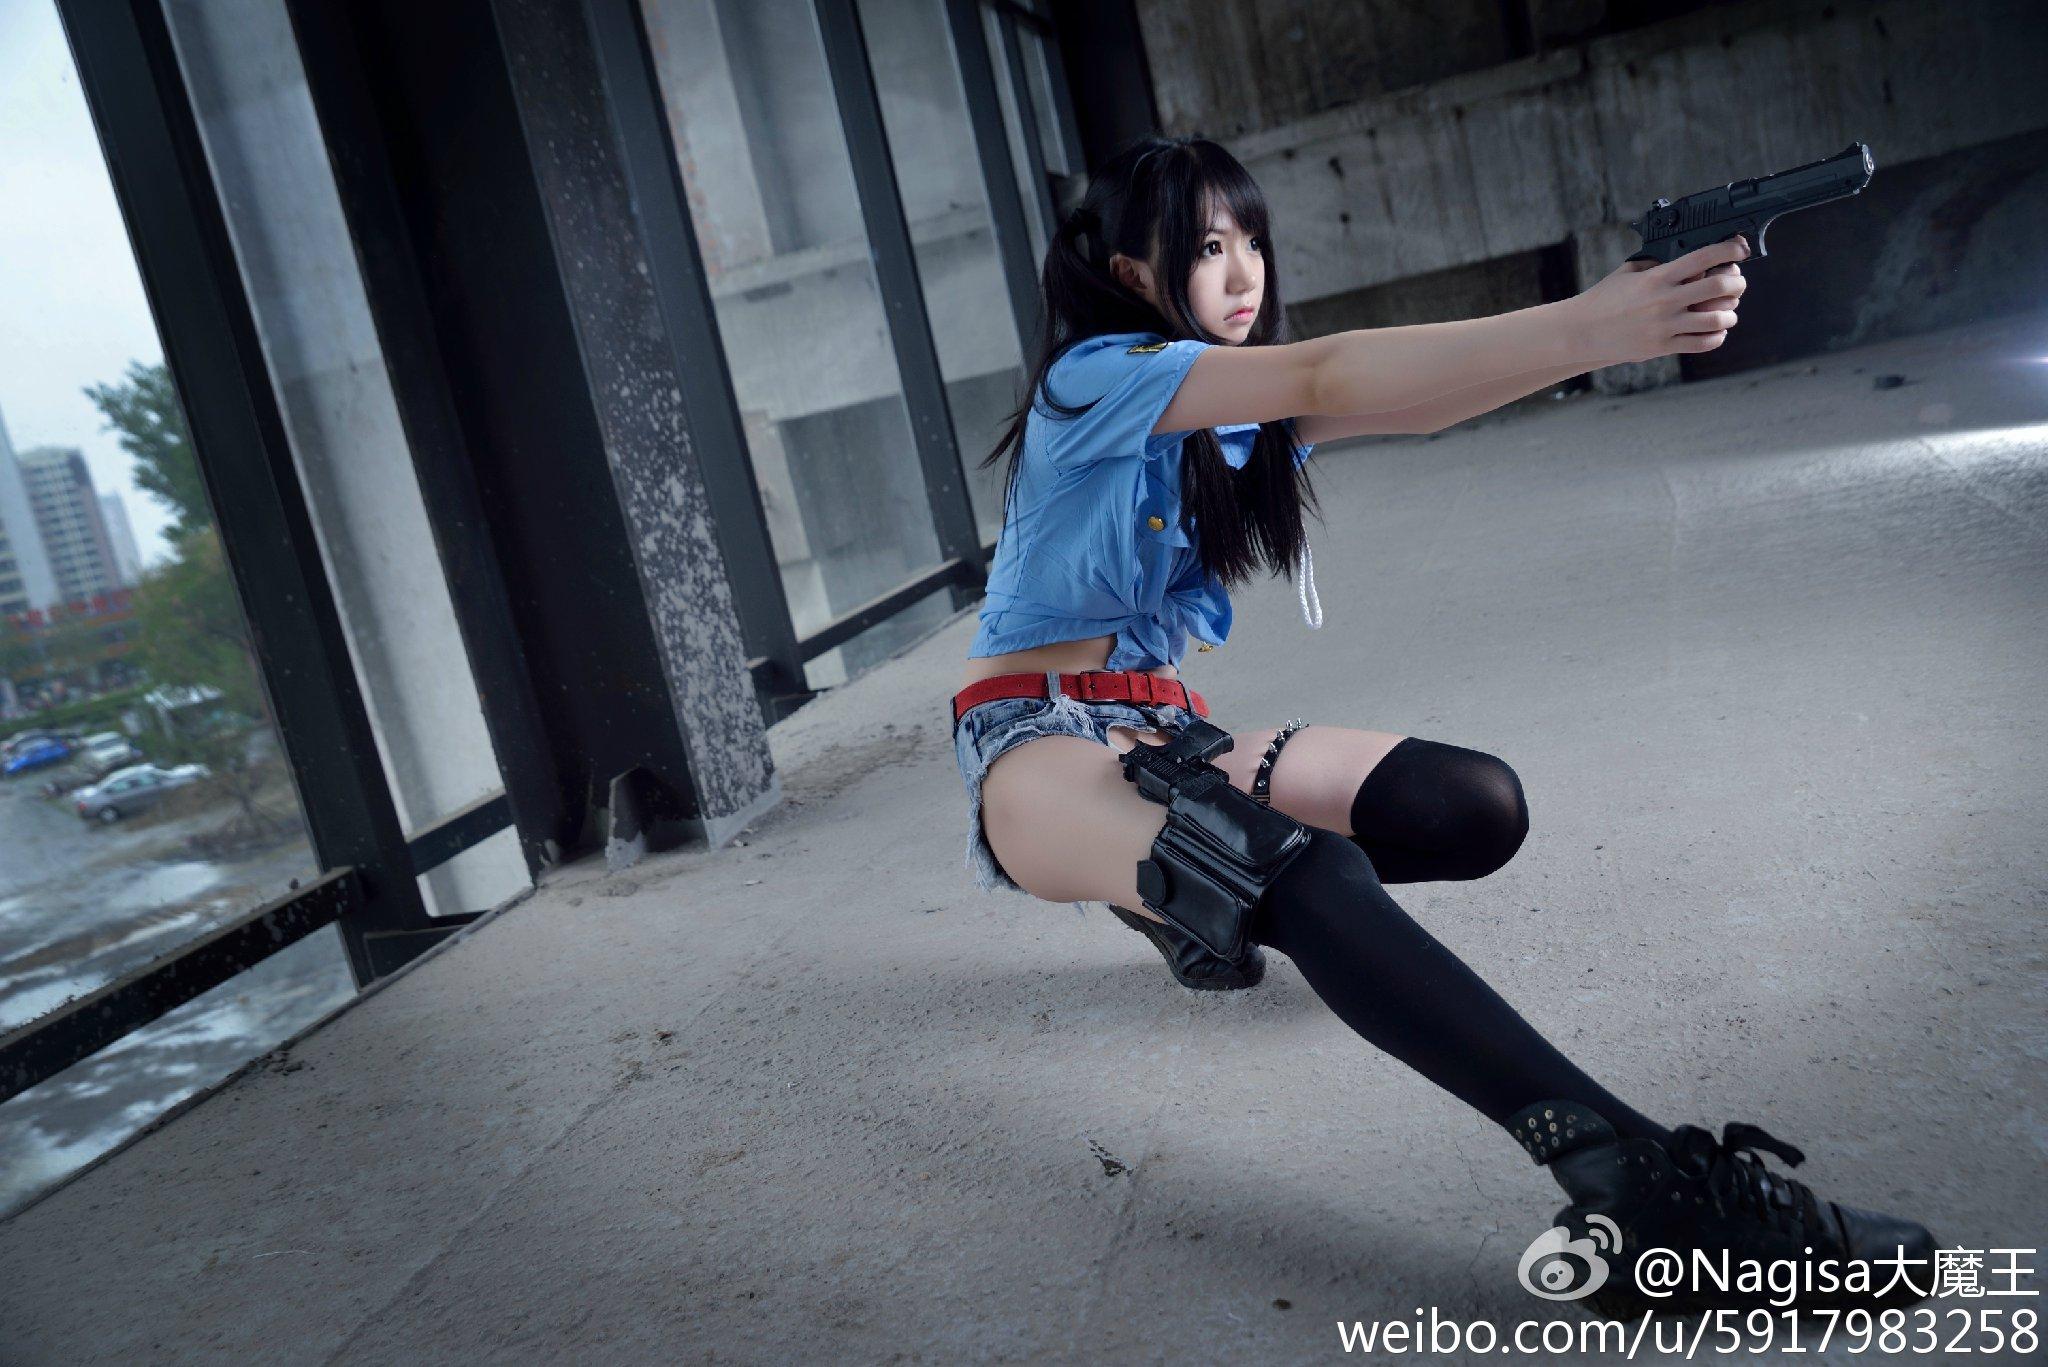 Nagisa大魔王剧透下我的第五本个人写真![害羞]一直很想_美女福利图片